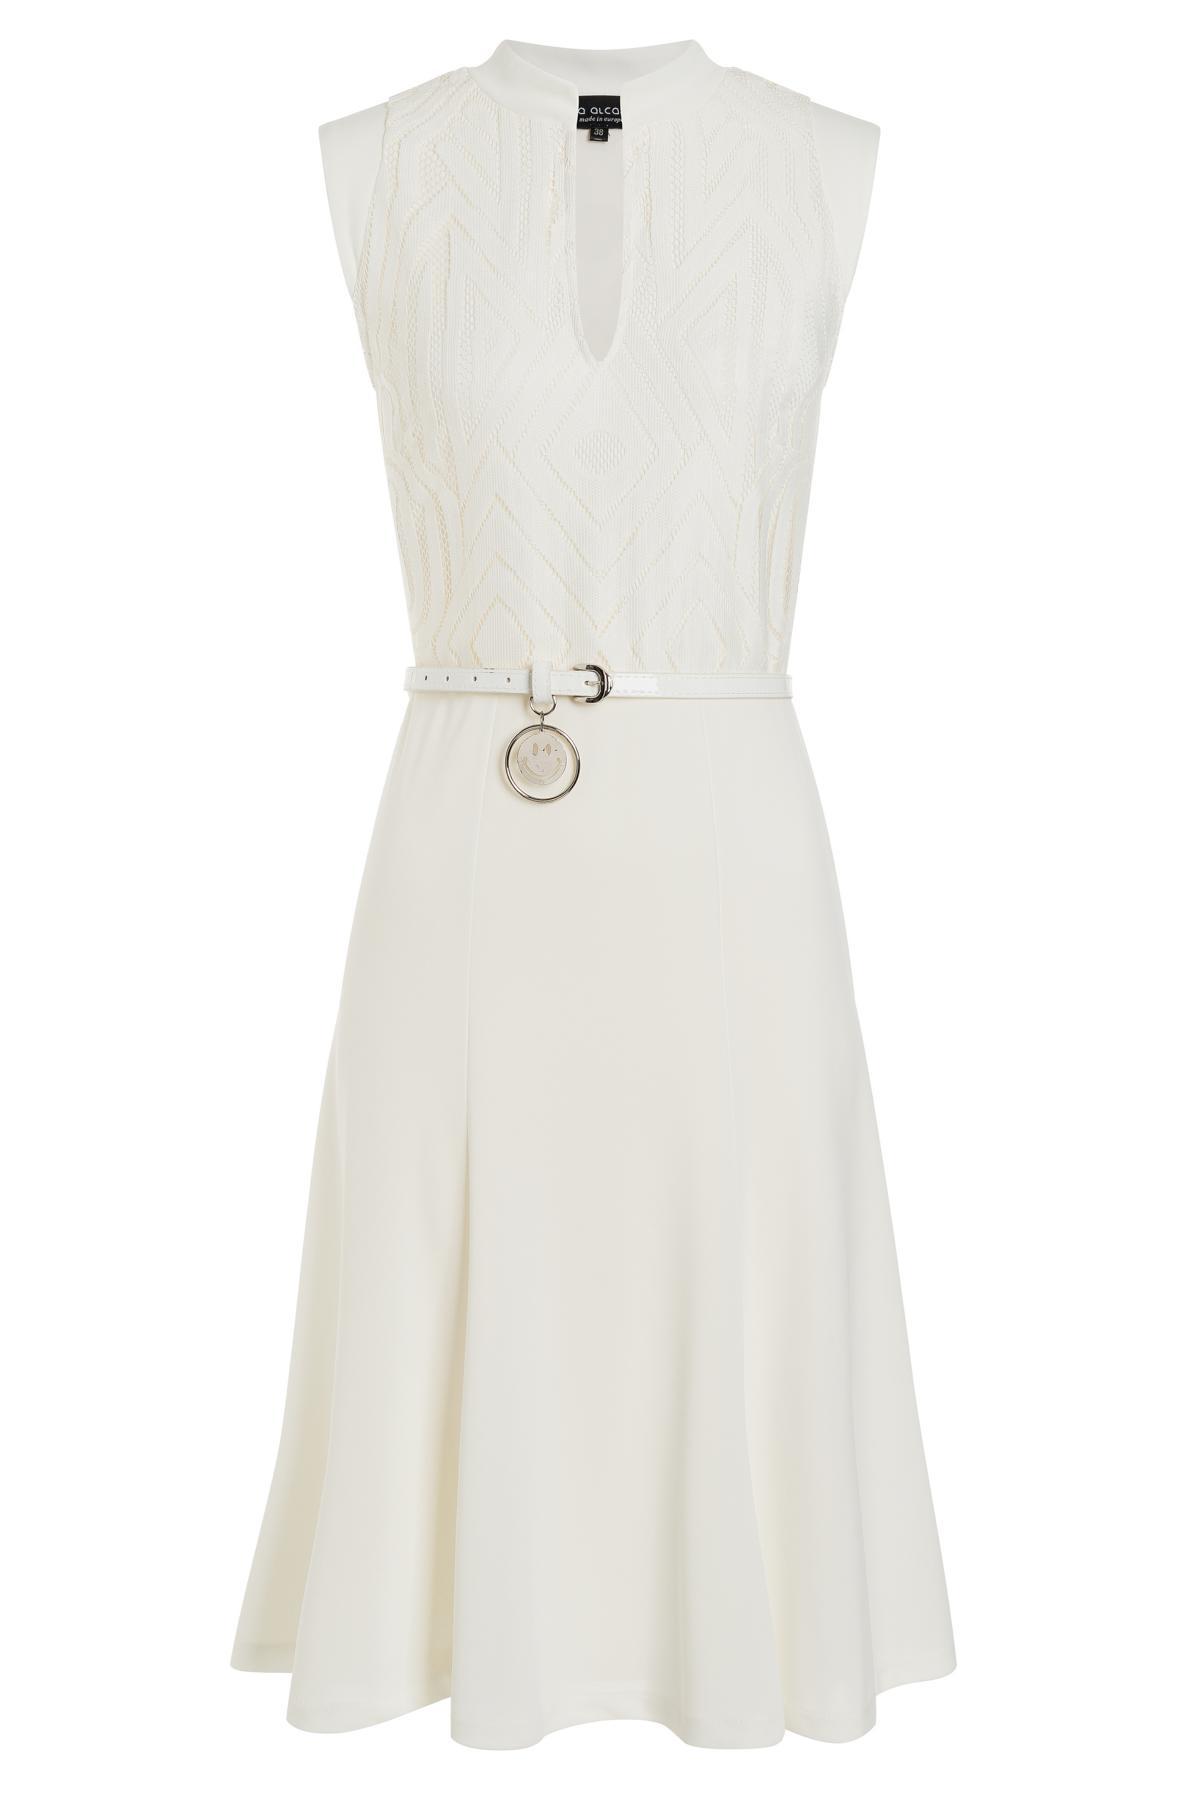 Ana Alcazar Mix Dress Tahal